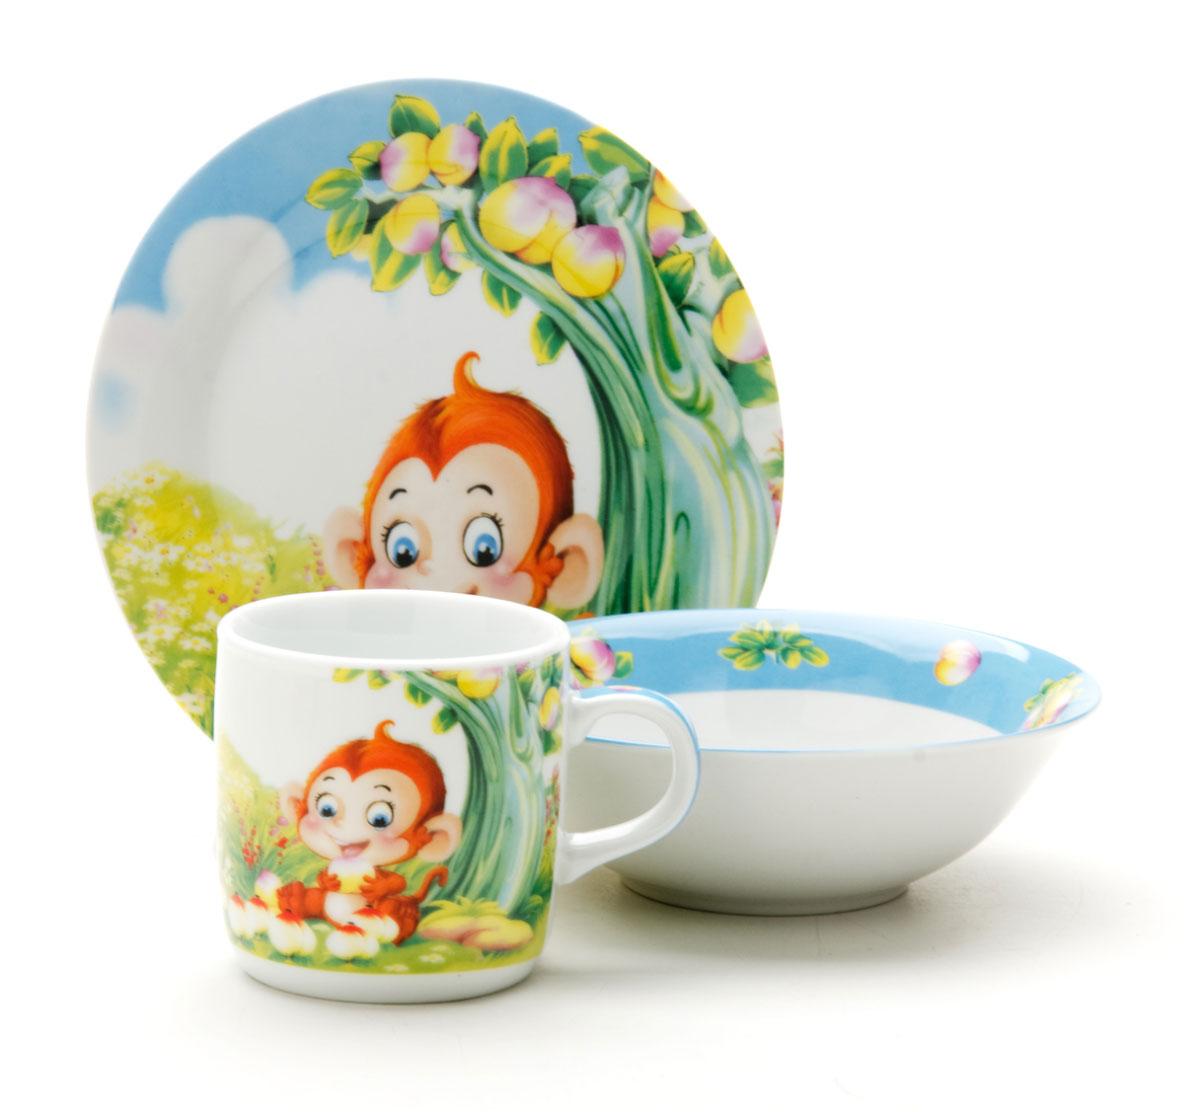 Набор посуды Loraine Обезьянка, 3 предмета25601Набор посуды Обезьянка сочетает в себе изысканный дизайн с максимальной функциональностью. В набор входят суповая тарелка, обеденная тарелка и кружка. Предметы набора выполнены из высококачественной керамики, декорированы красочным рисунком. Благодаря такому набору обед вашего ребенка будет еще вкуснее. Набор упакован в красочную, подарочную упаковку.Диаметр суповой тарелки: 15 см.Диаметр обеденной тарелки: 17,5 см.Объем кружки: 230 мл.